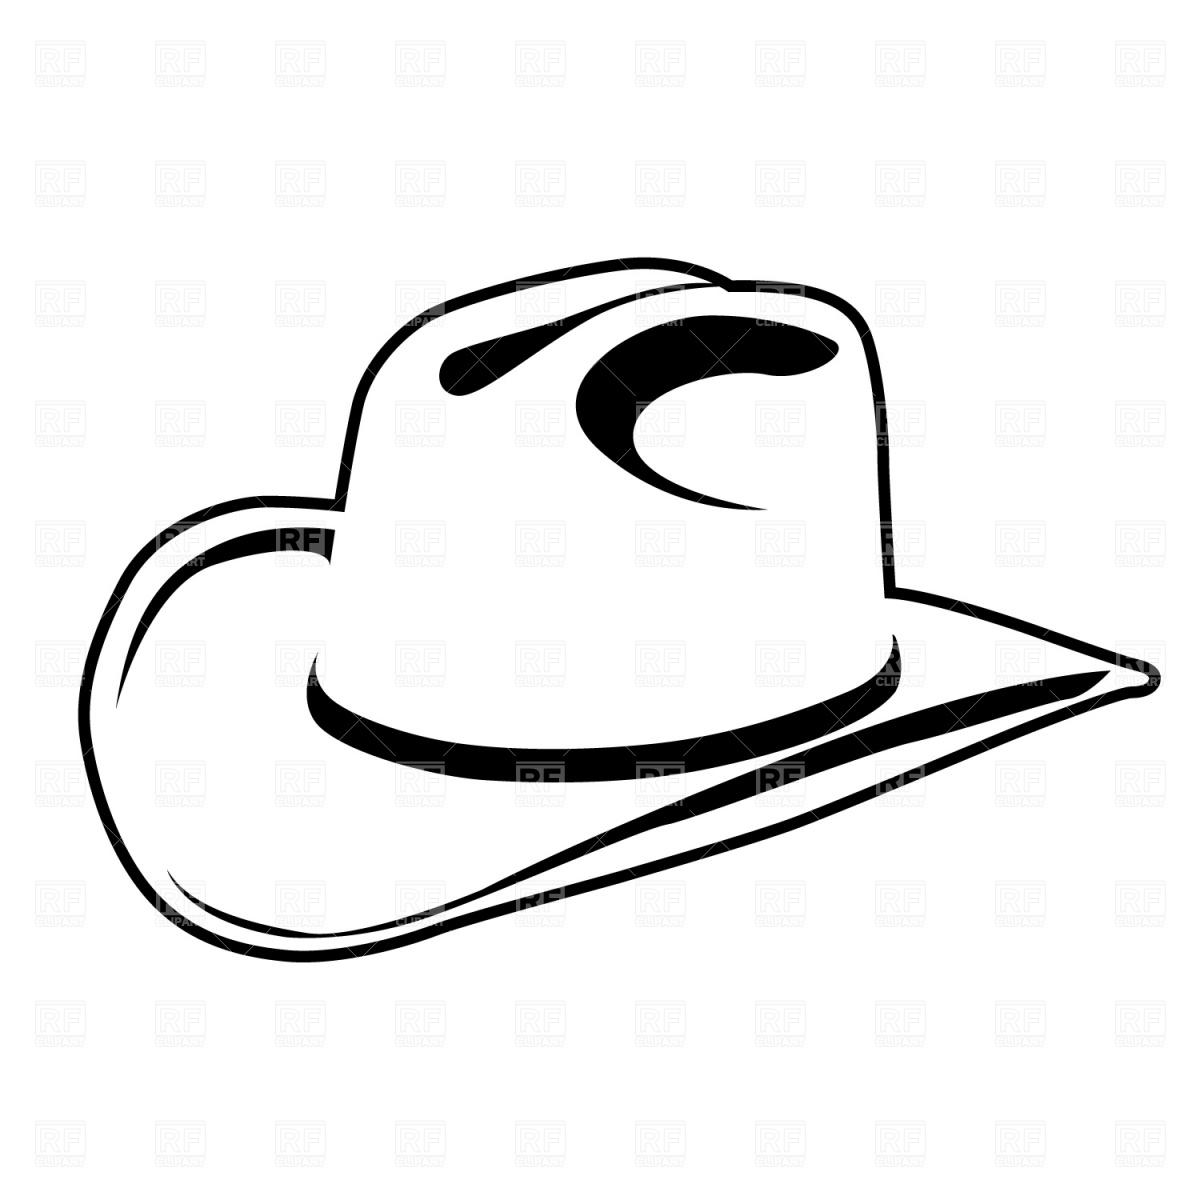 1200x1200 Image Of Clip Art Cowboy